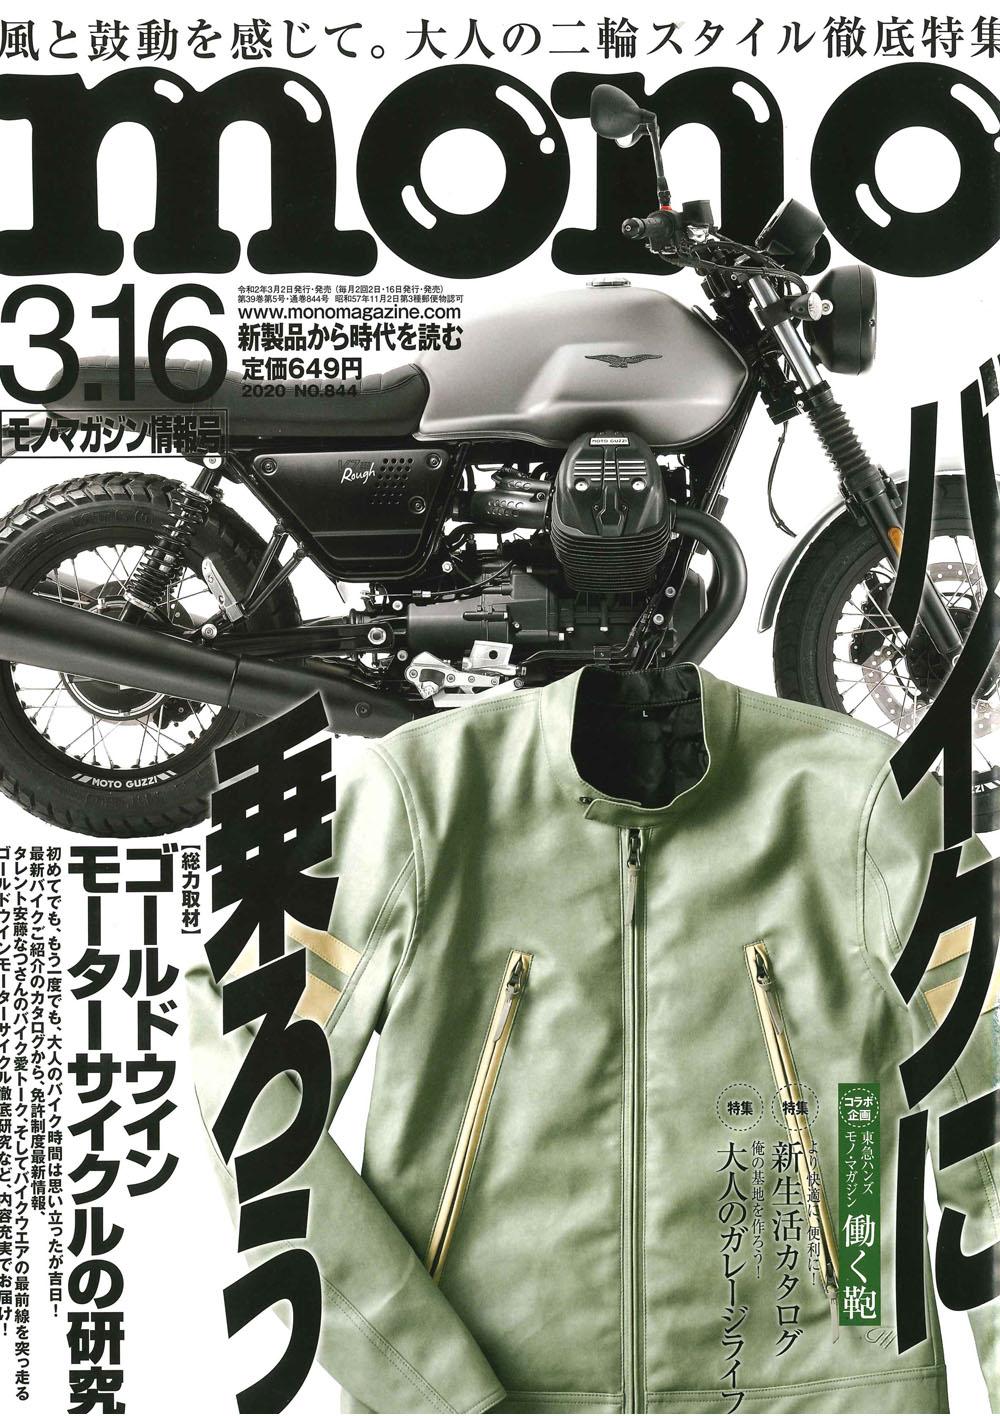 【モノ・マガジン No.844掲載】新商品『B+COM ONE』プレミアムスタンダード